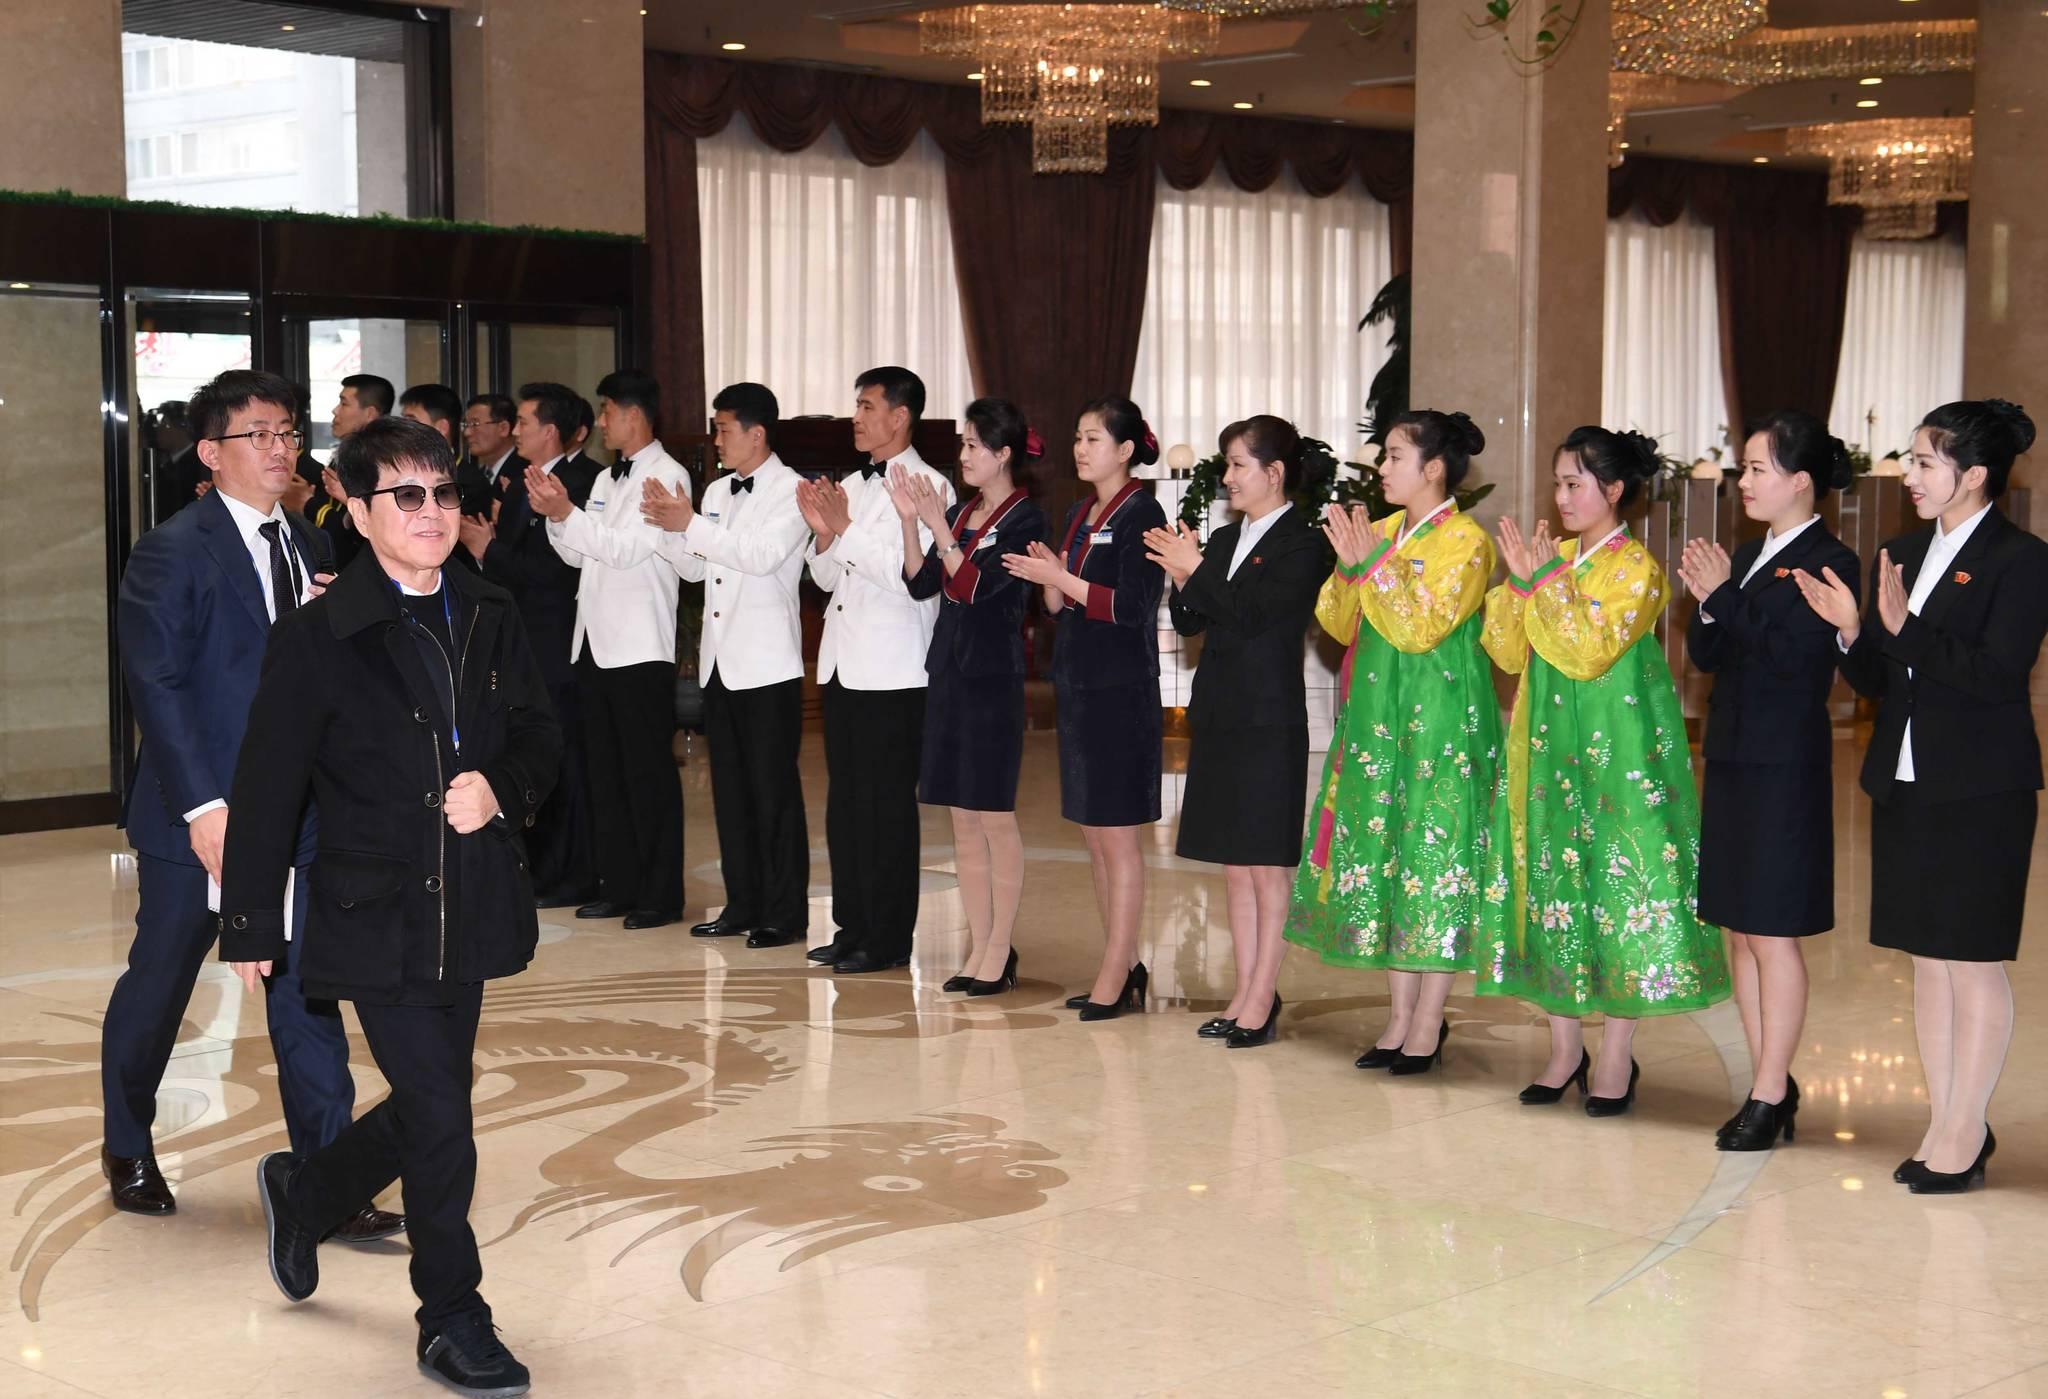 남북평화 협력기원 남측예술단 일원인 가왕 '조용필'이 31일 오후 평양 고려호텔에 도착, 직원들의 환영을 받고 있다. [사진공동취재단=연합뉴스]